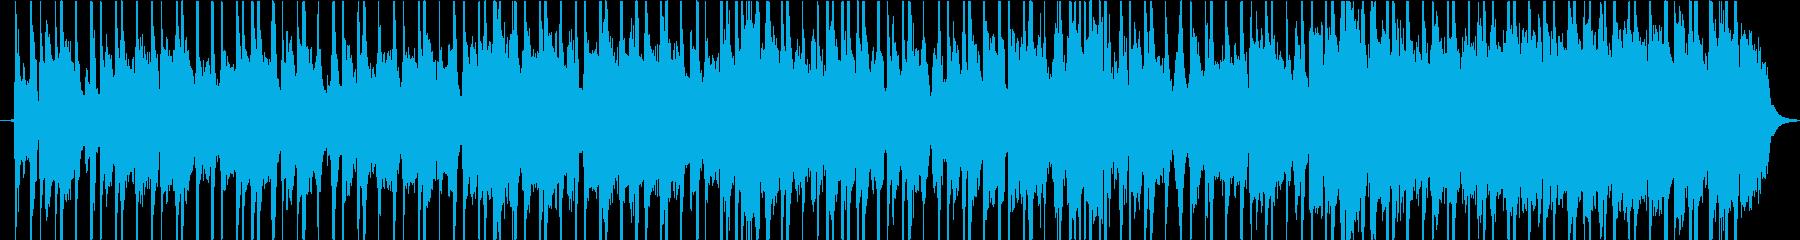 軽快なオルガンが象徴的なBGMの再生済みの波形